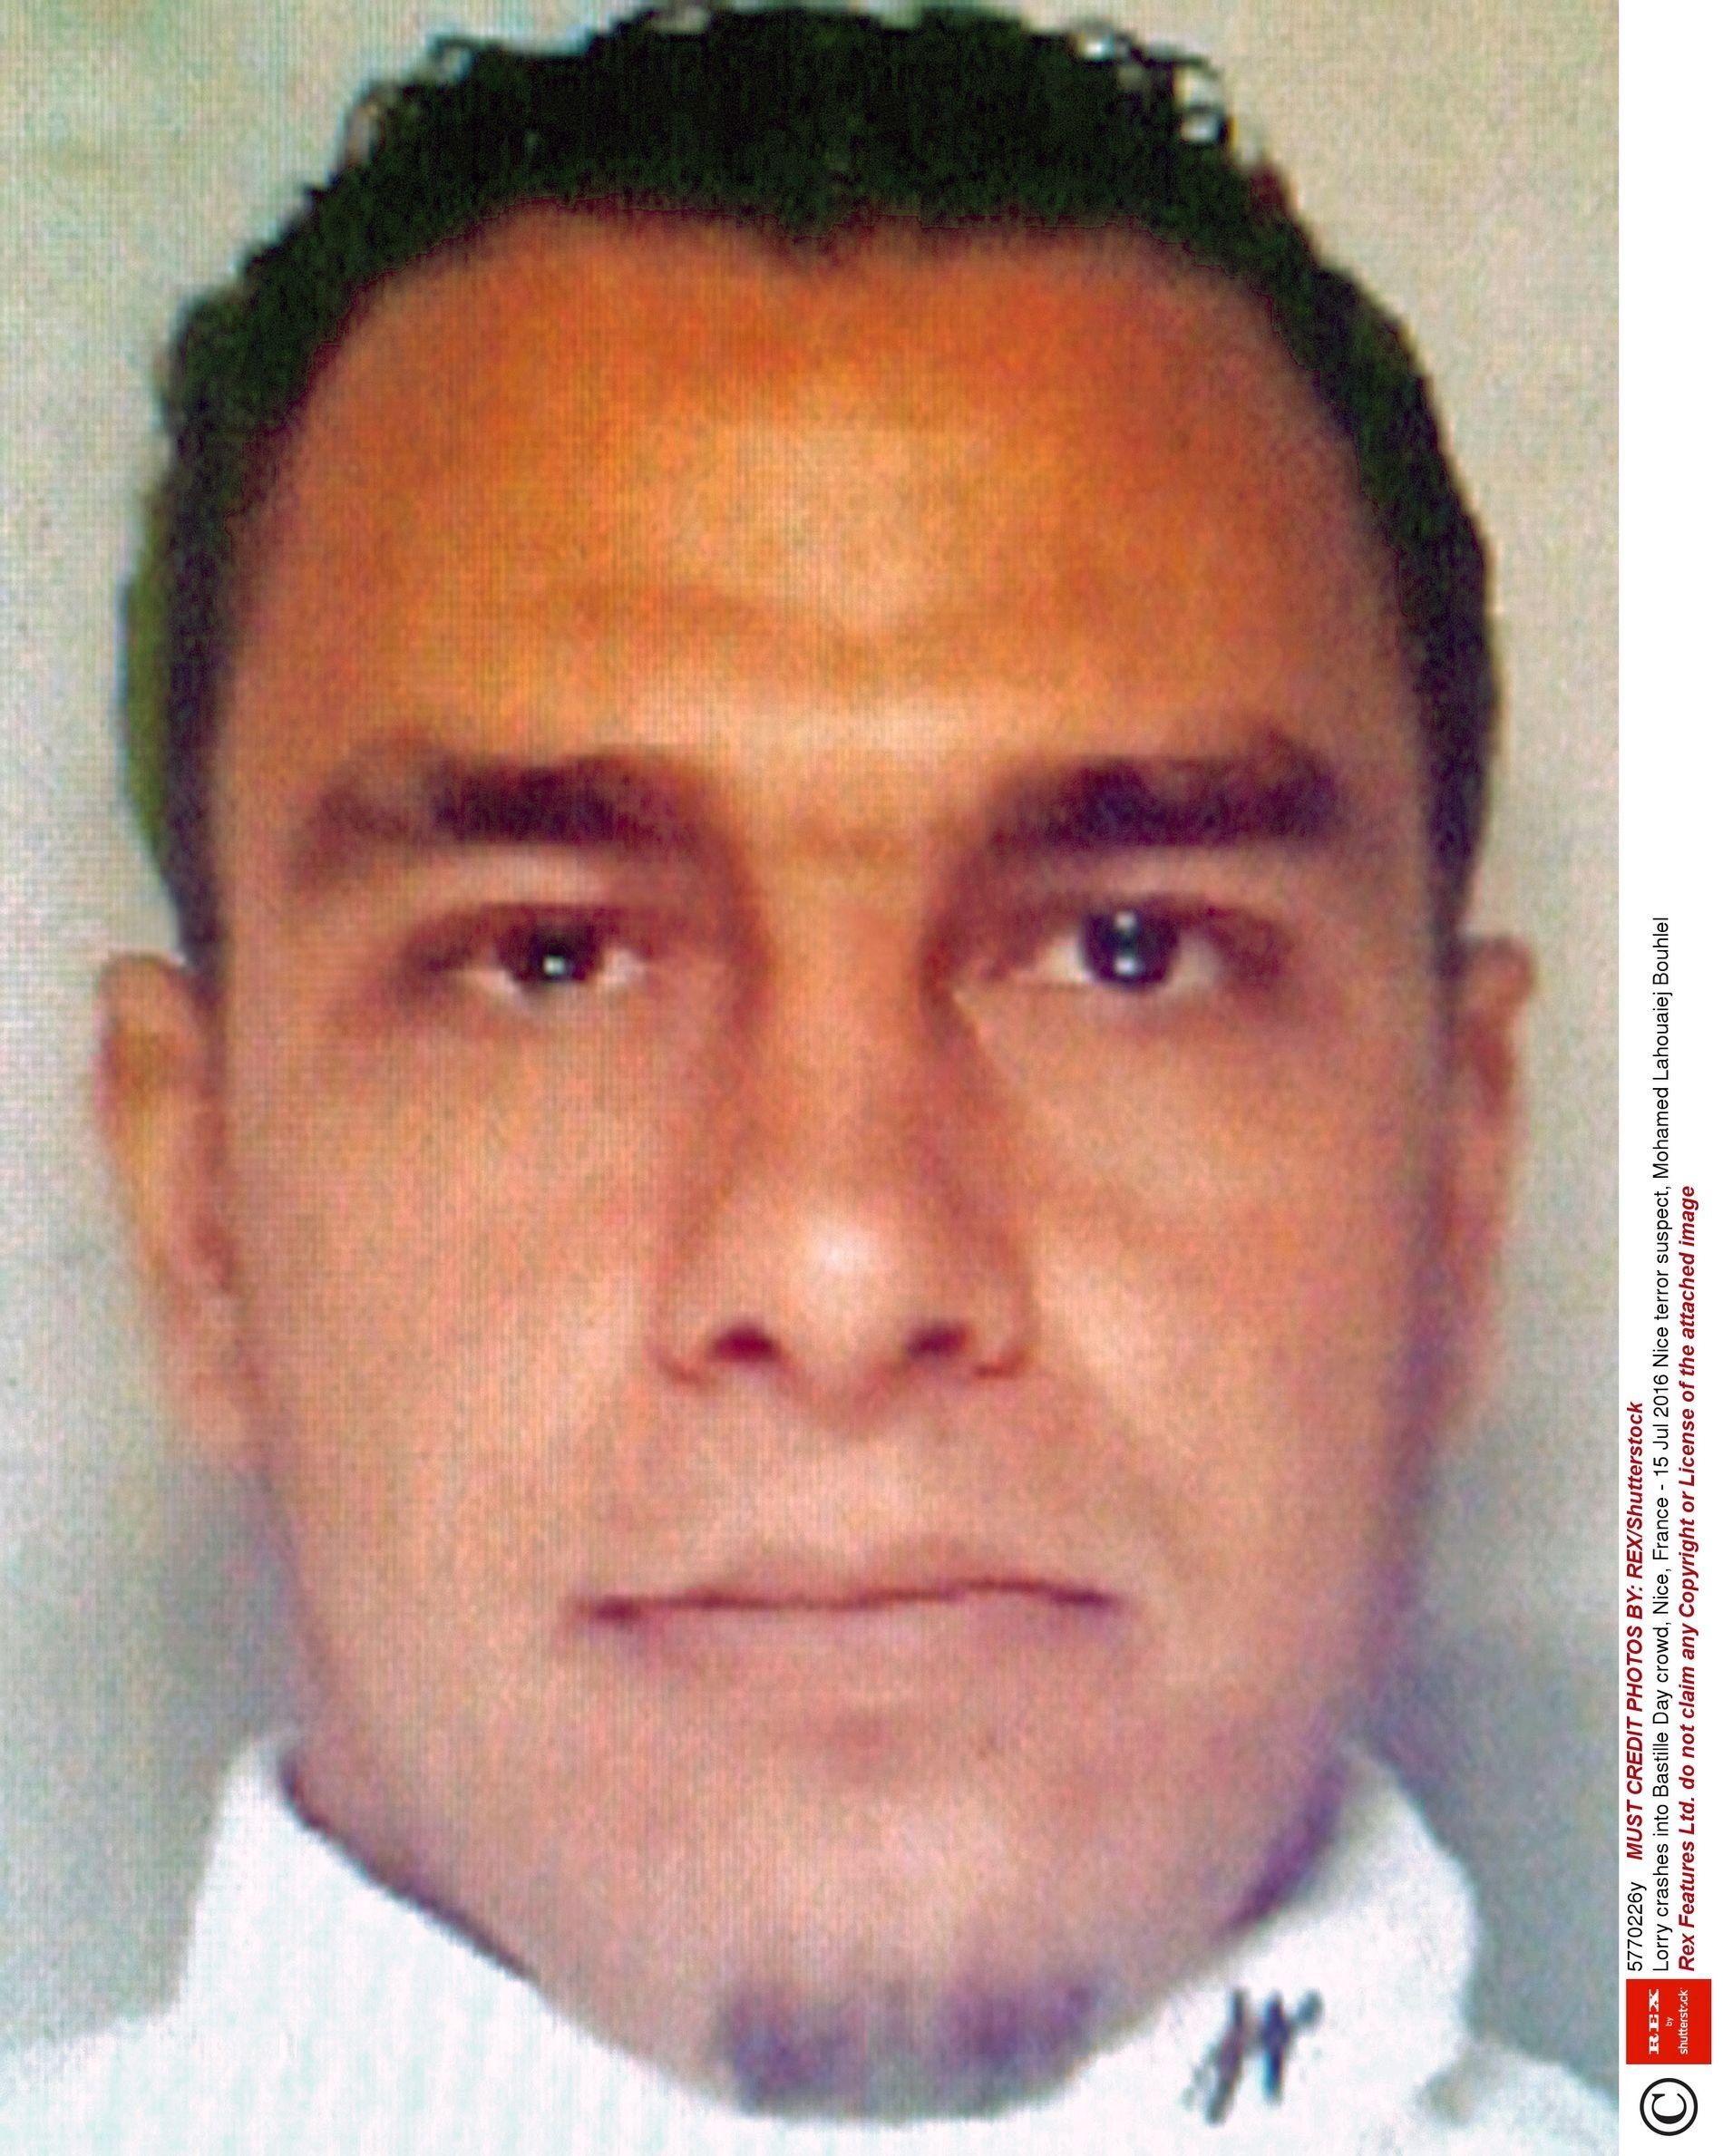 KRIMINELL BAKGRUNN: Mohamed Lahouaiej Bouhlel, mannen som utførte terrorangrepet i Nice i sommer, var kjent for fransk politi fra før for saker som involverte narkotika, vold og våpen.